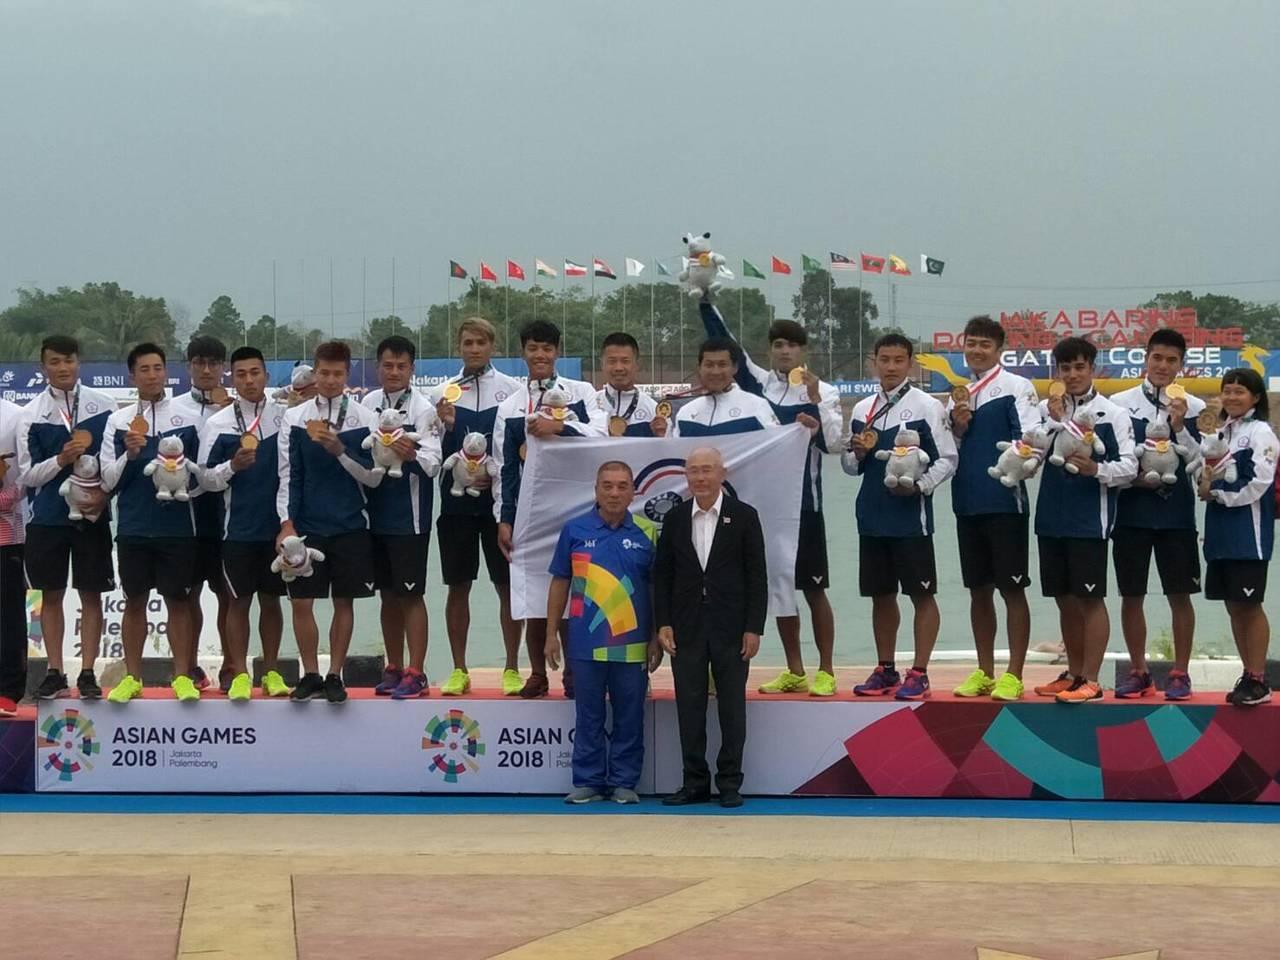 印尼雅加達巨港亞運,中華男子輕艇龍舟隊500公尺直道競速奪金。圖/中華奧會提供